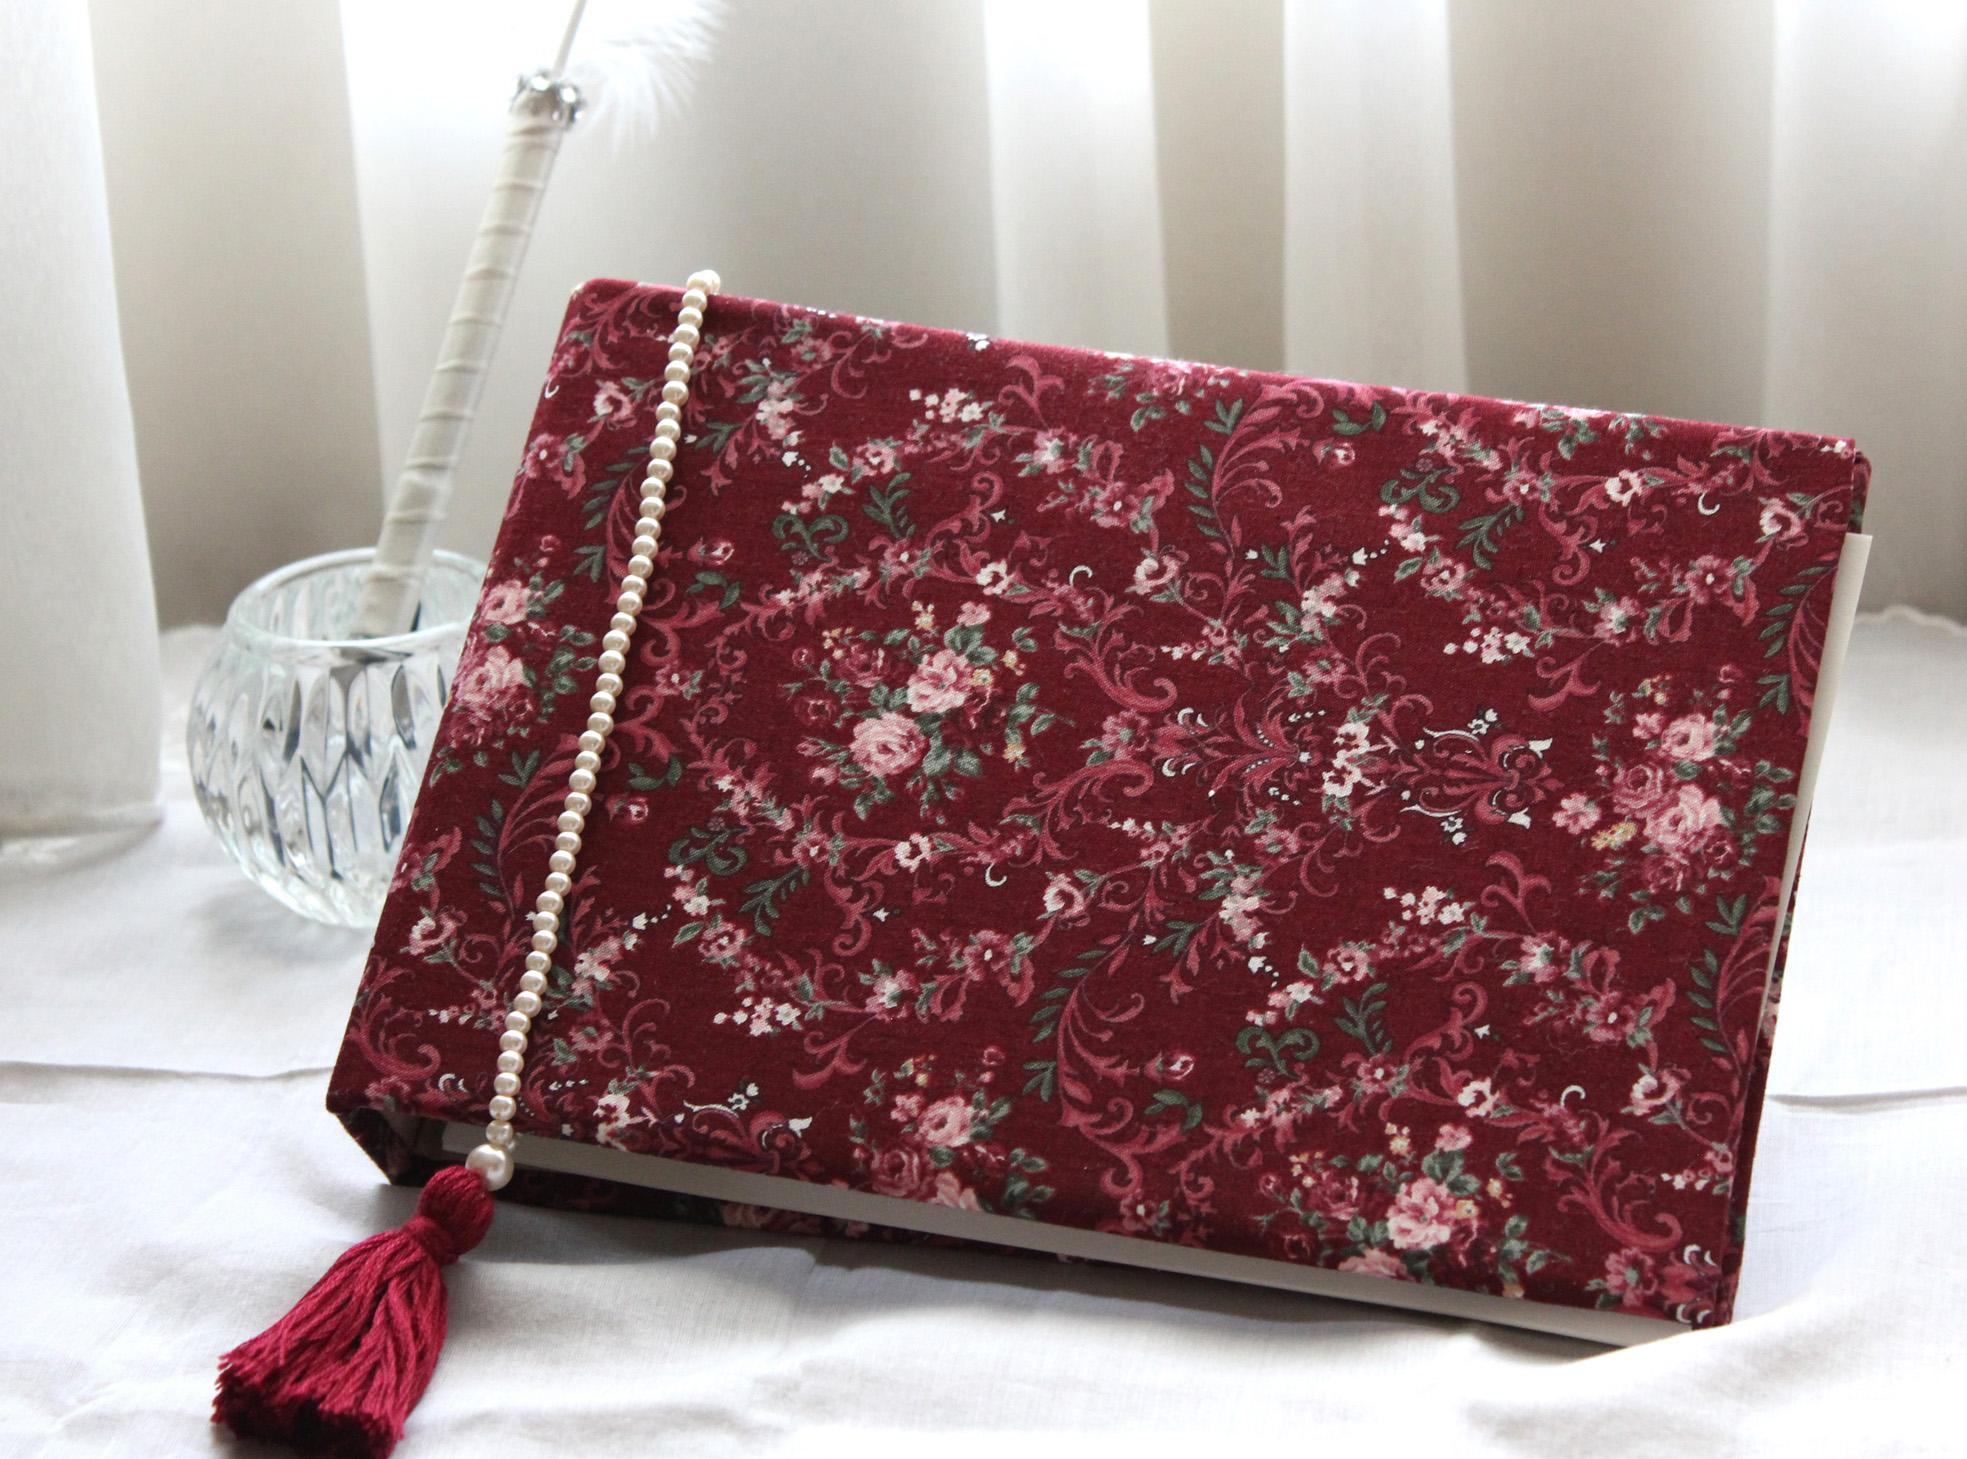 結婚式ではゲストブックに使用し、式後はアドレス帳として使える便利でお洒落なゲストブックです。